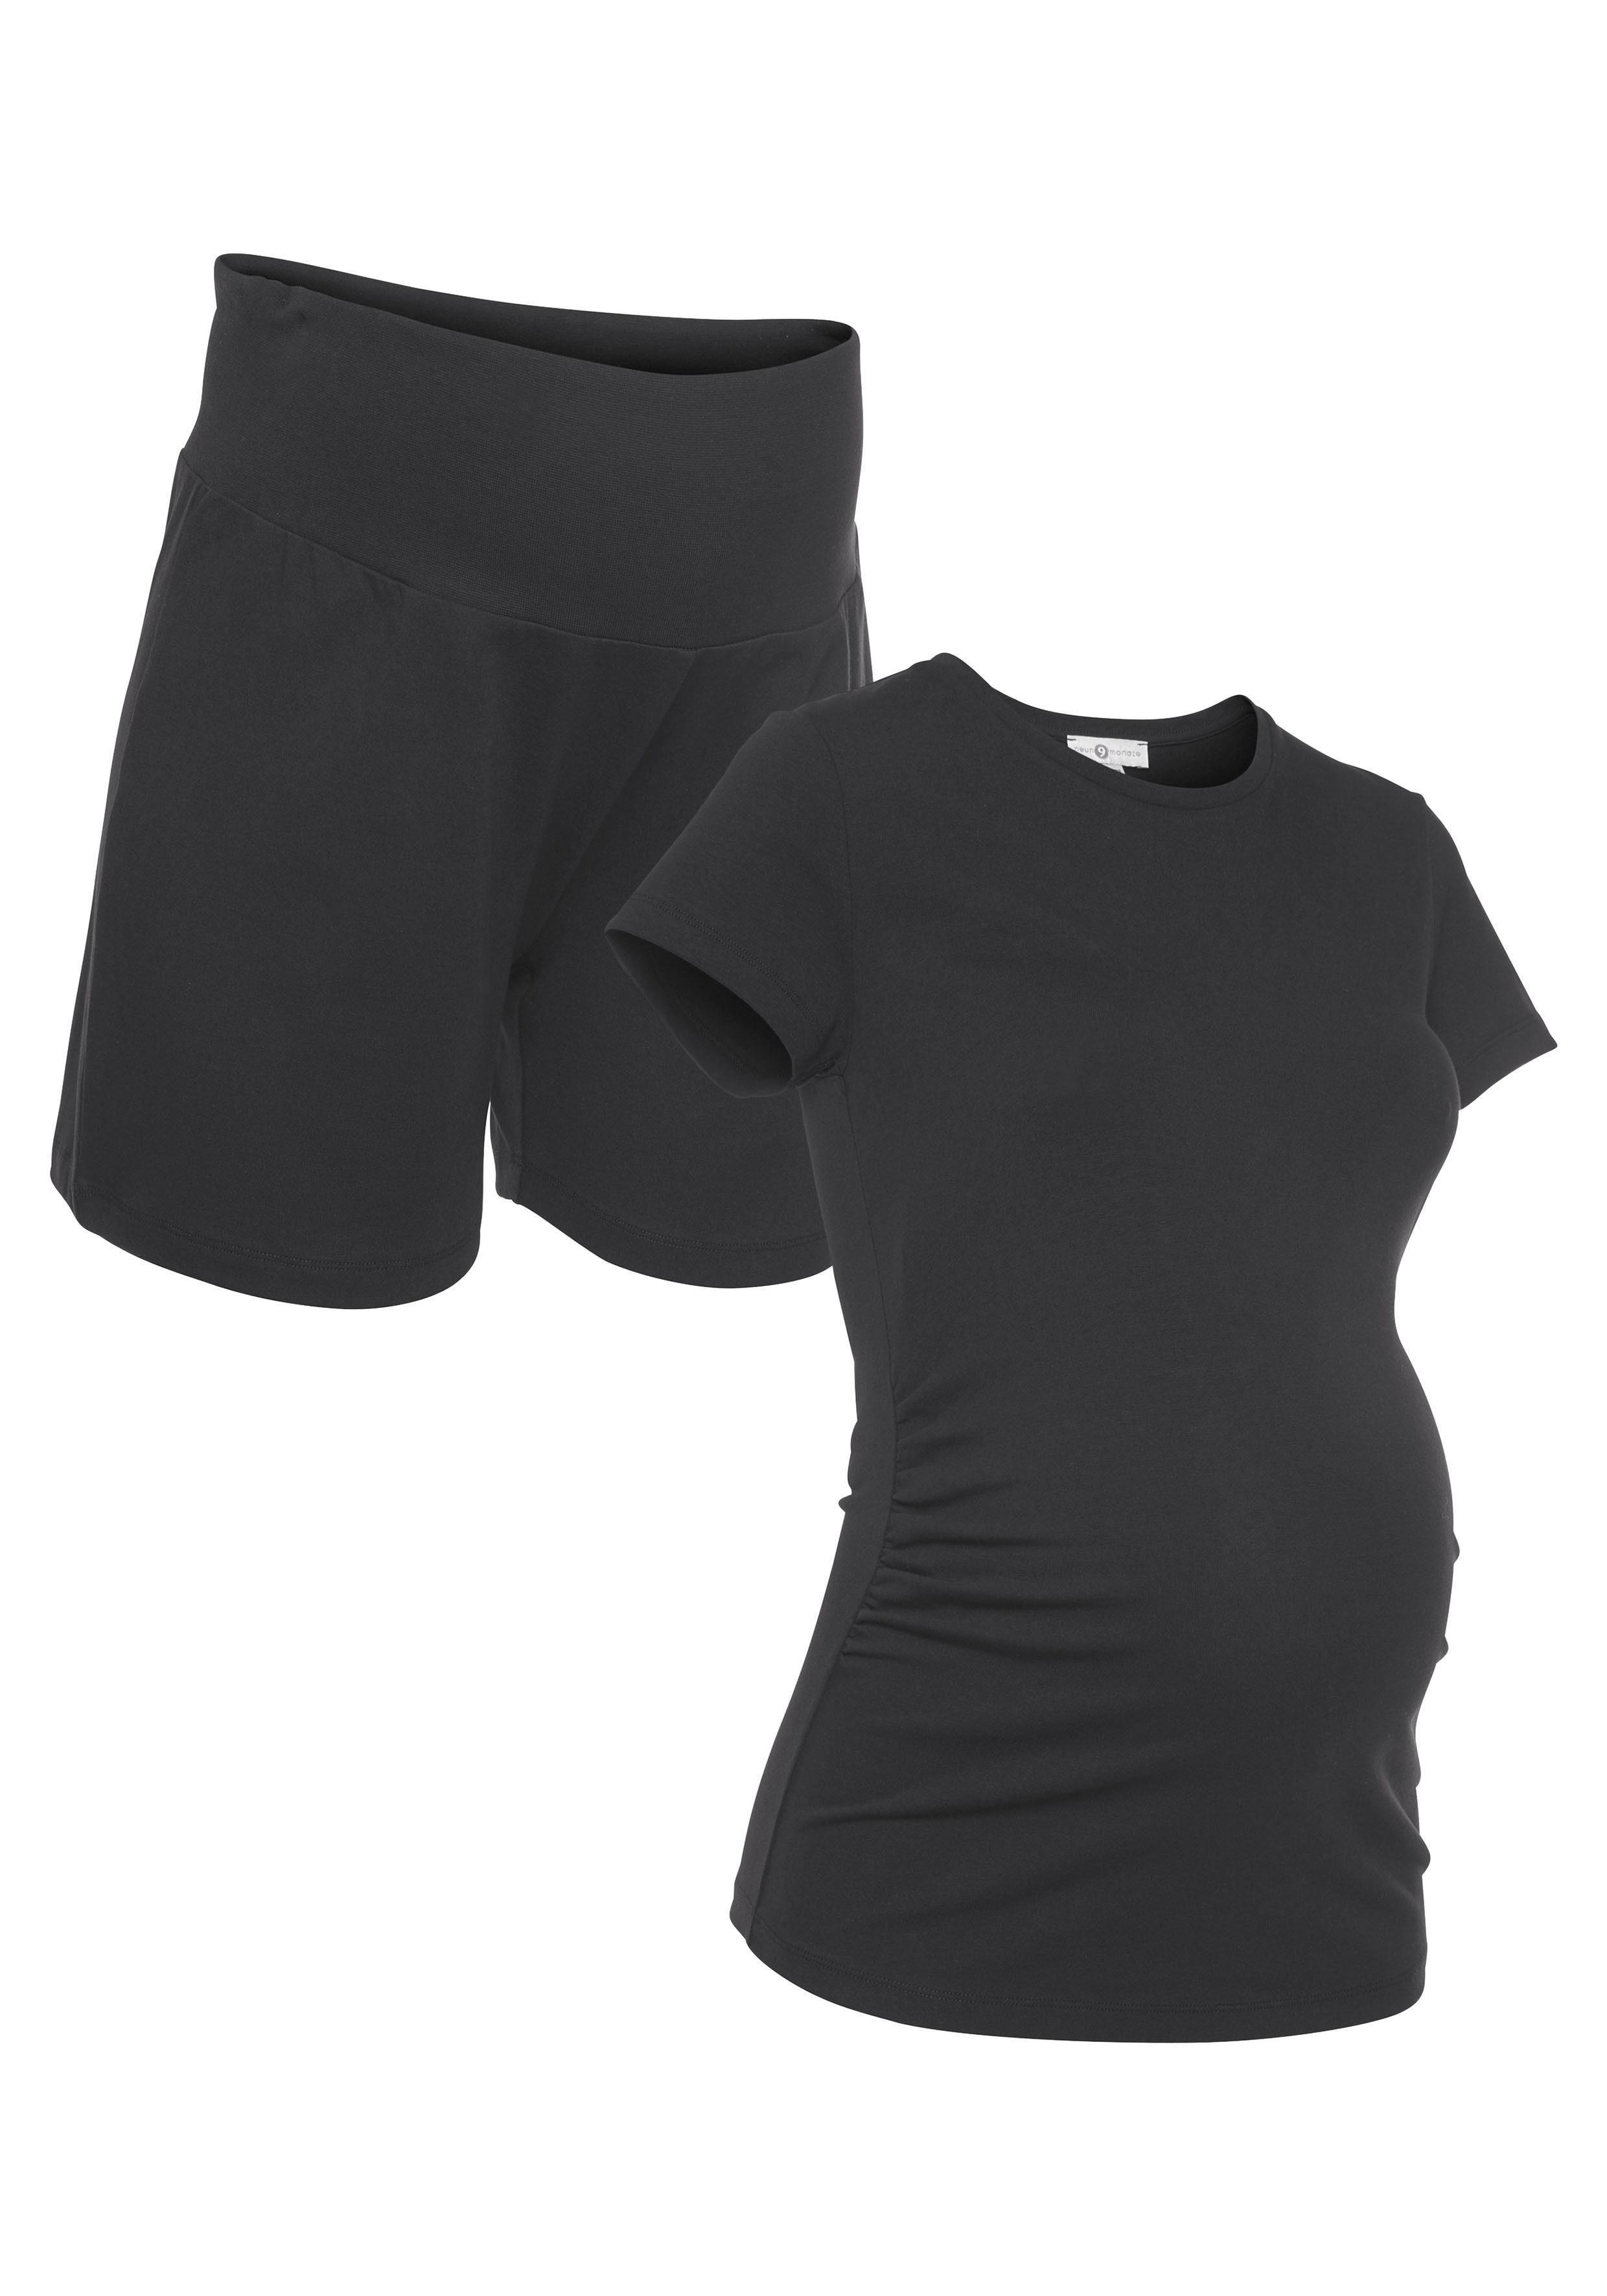 Neun Monate Umstands-Set Damenmode/Bekleidung/Umstandsmode/Umstandsshirts/T-Shirts